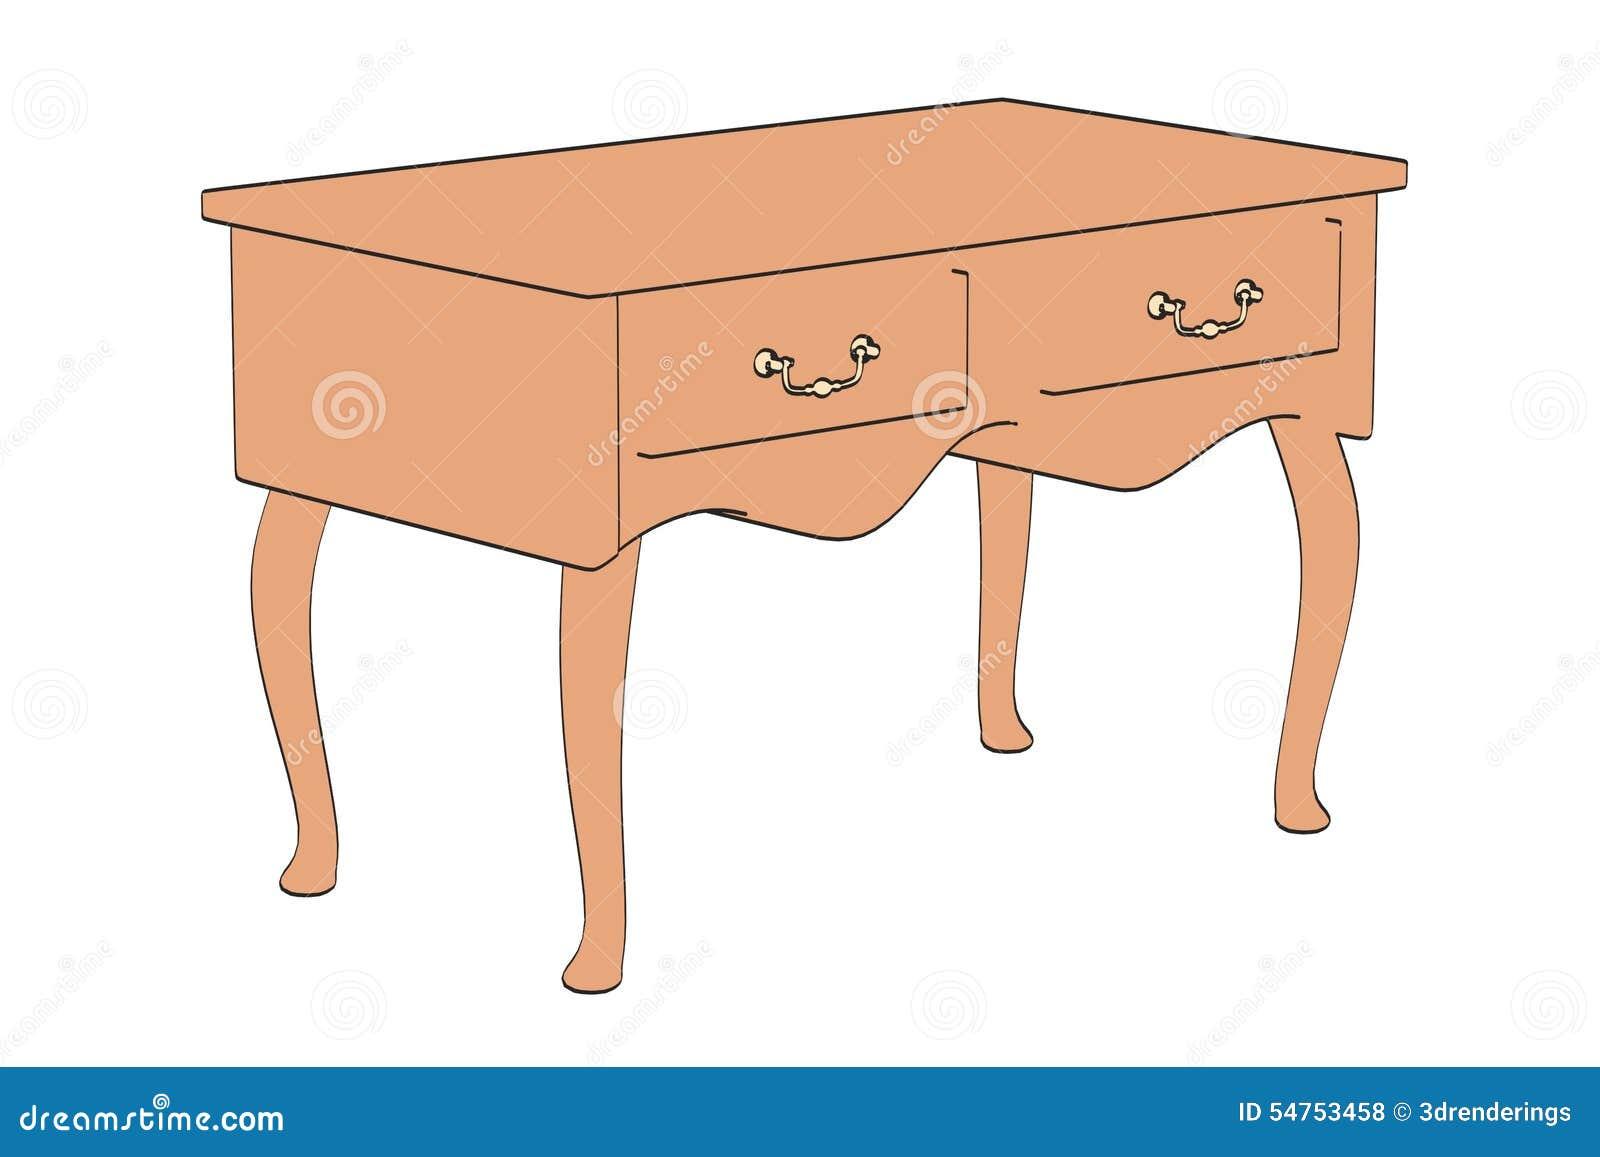 Barocker schrank stock abbildung bild von zeichnung for Schrank zeichnung